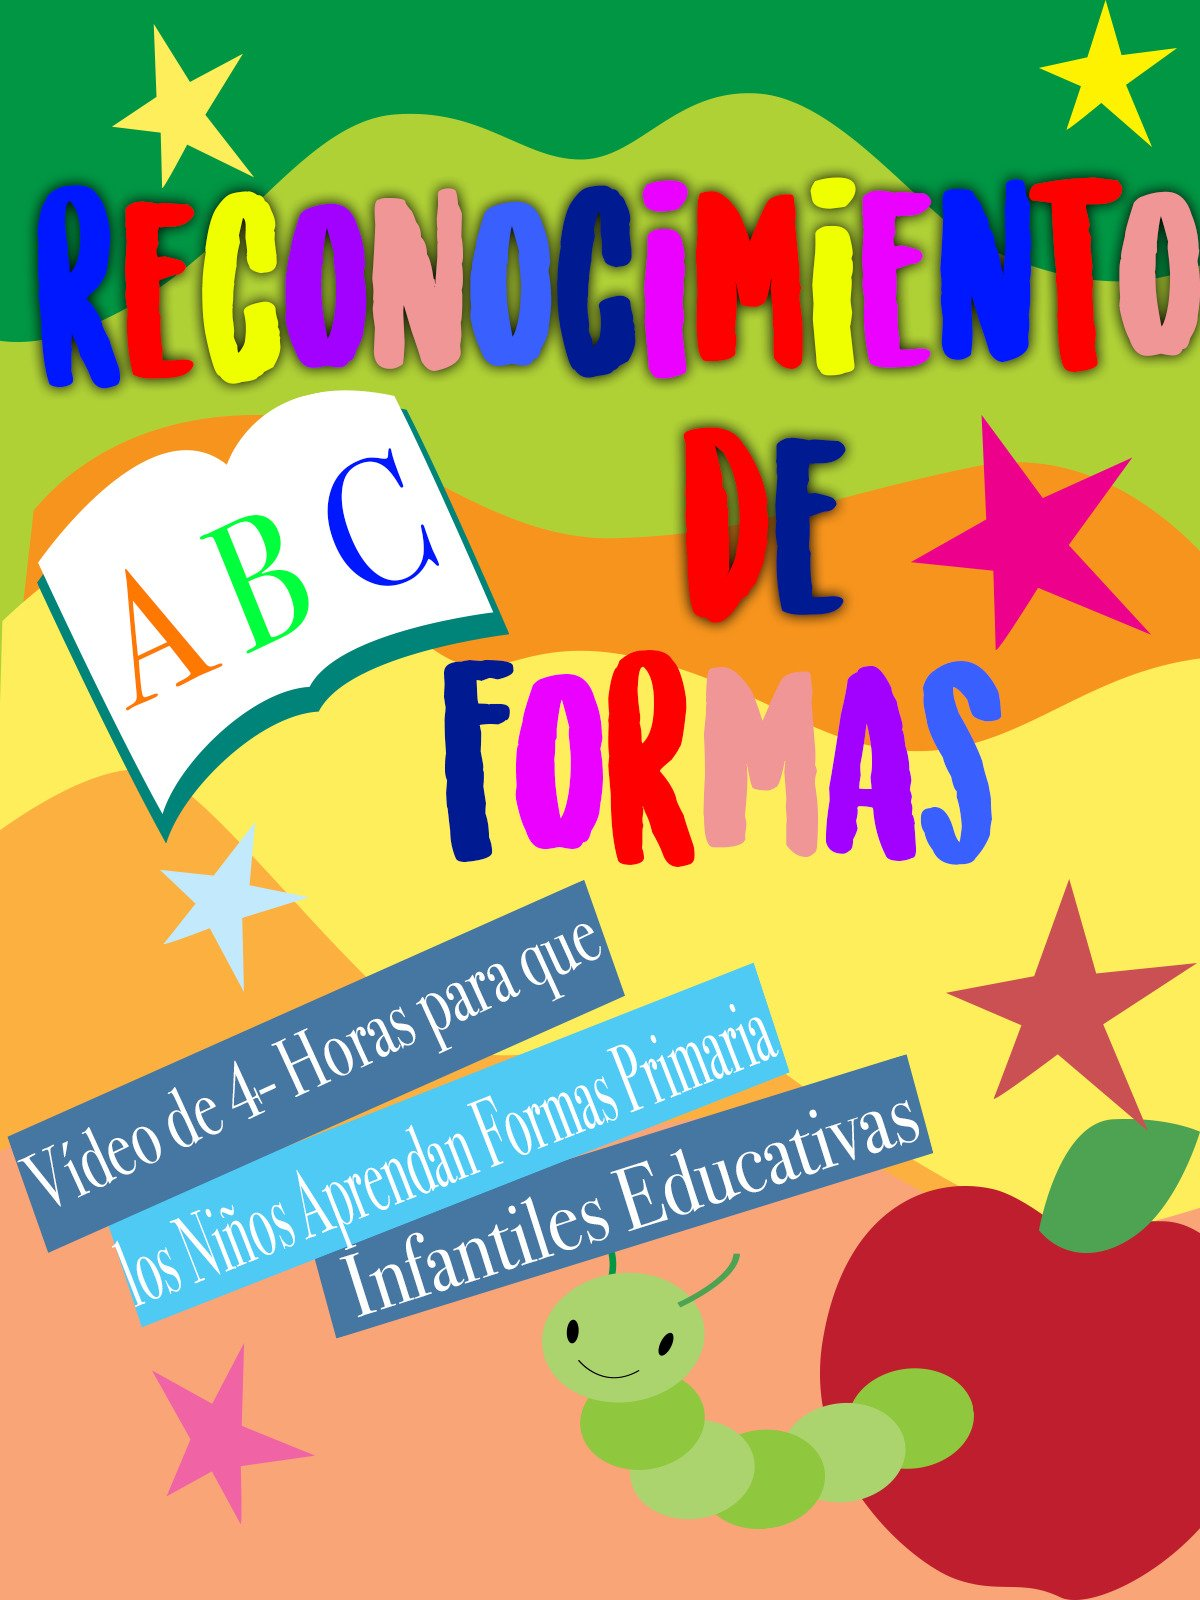 Reconocimiento De Formas Video de 4- Horas para que los Niños Aprendan Formas Primaria Infantiles Educativas